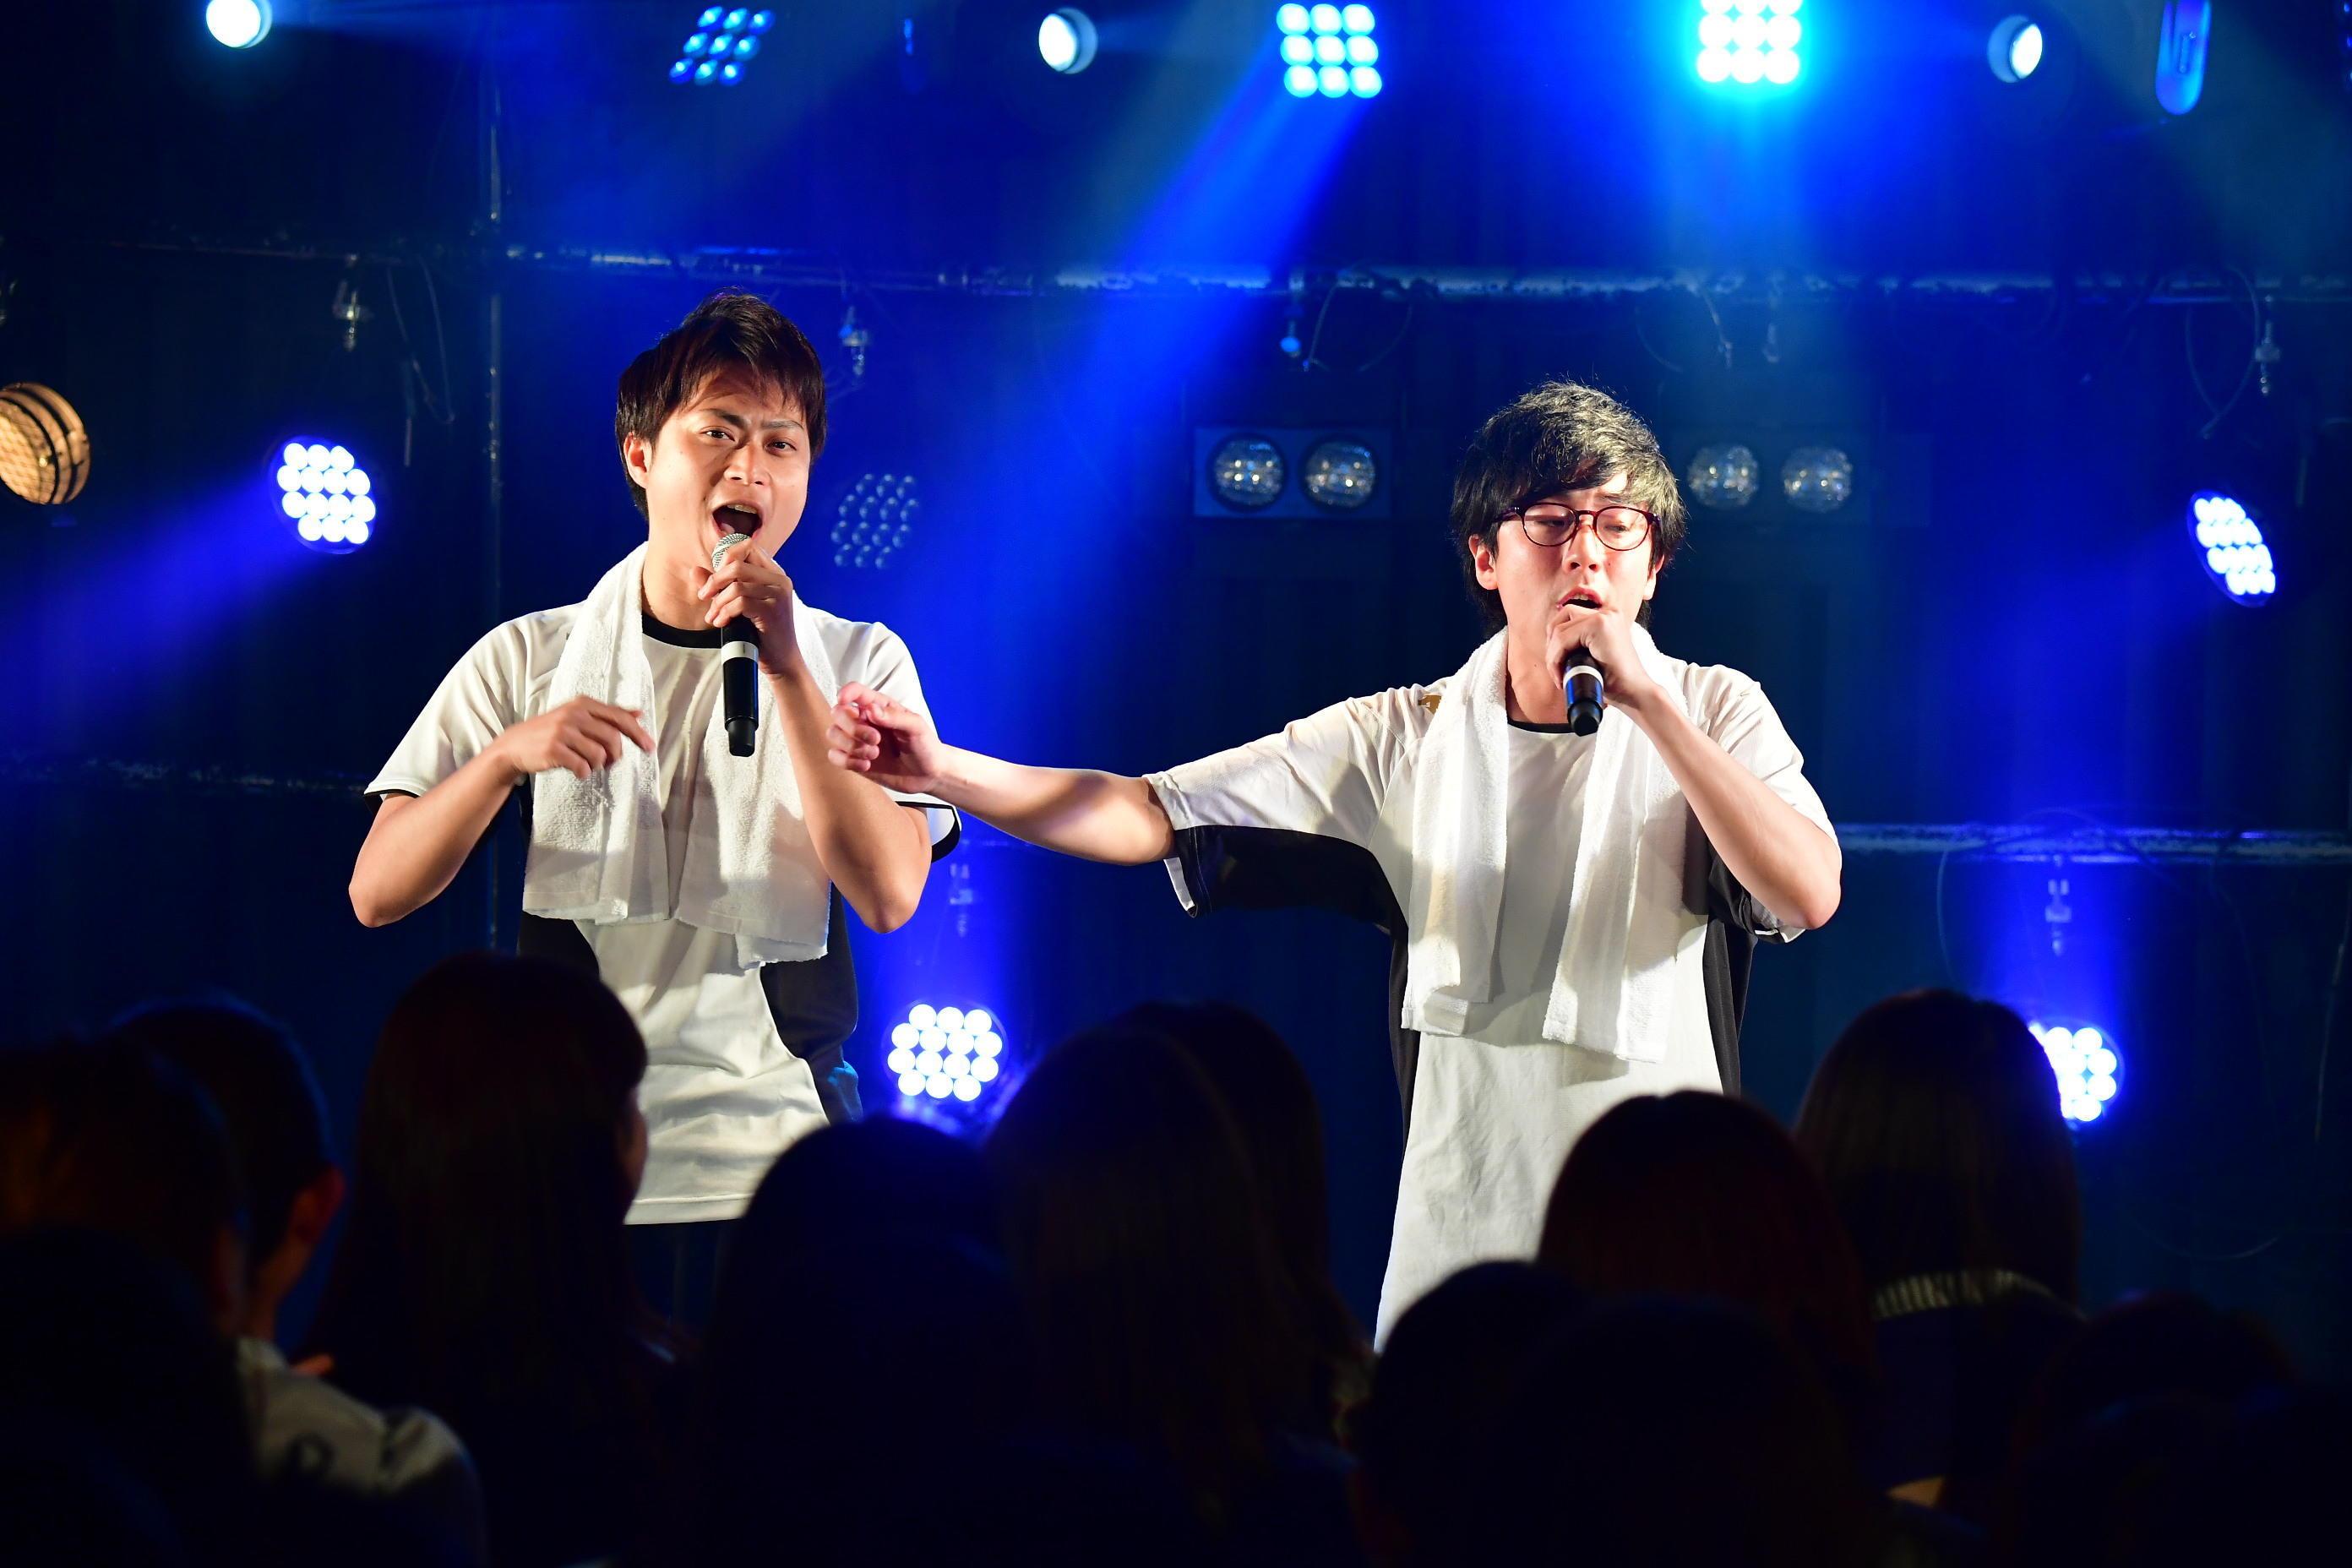 http://news.yoshimoto.co.jp/20180430220400-21ef56523c857d4663a7bc30a2a7c23f671acf34.jpg